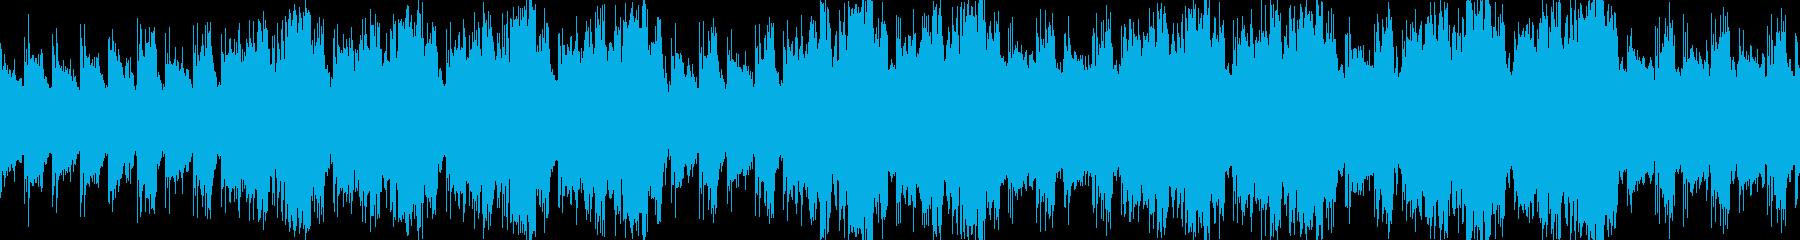 しっかりと前に進む行進をイメージした曲の再生済みの波形